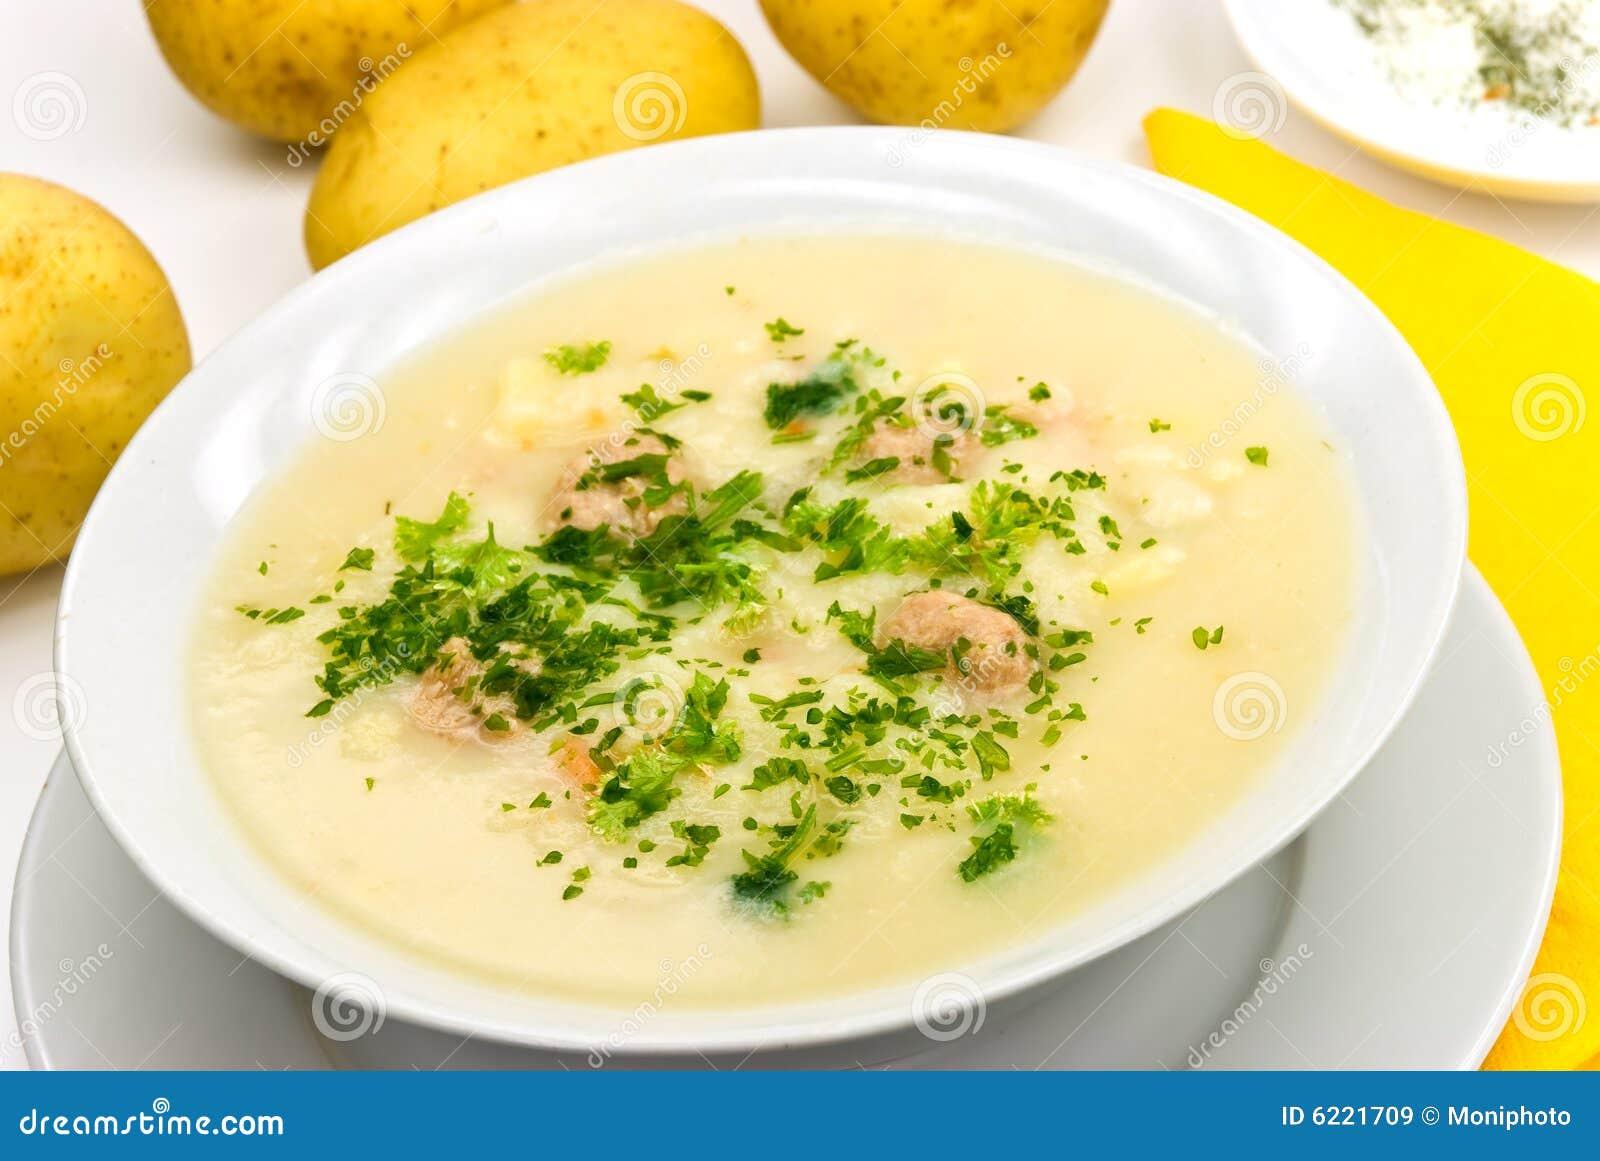 Patata Porner _patata poner crema sopa con tajar carne bola imagen de